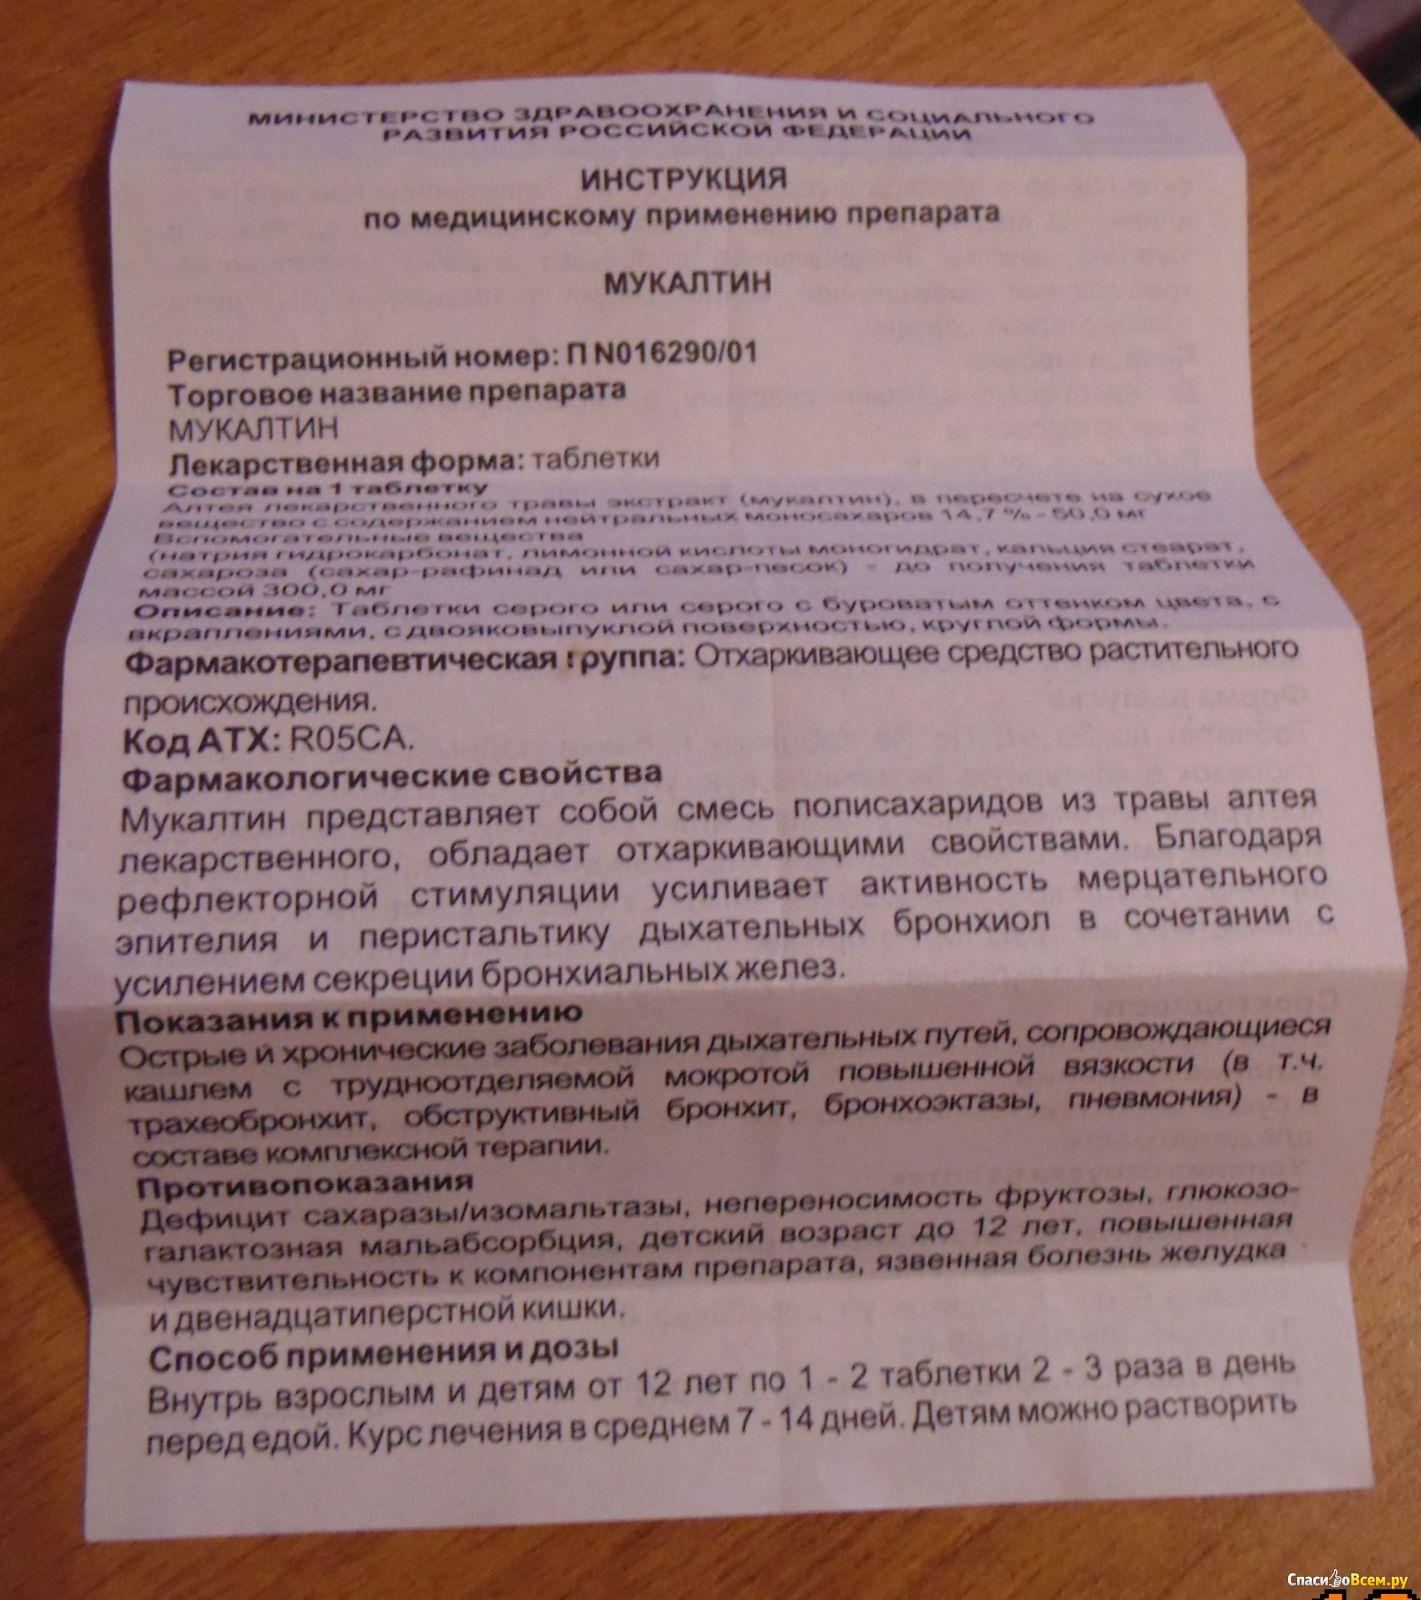 мукалтин инструкция для детей 1.5 лет